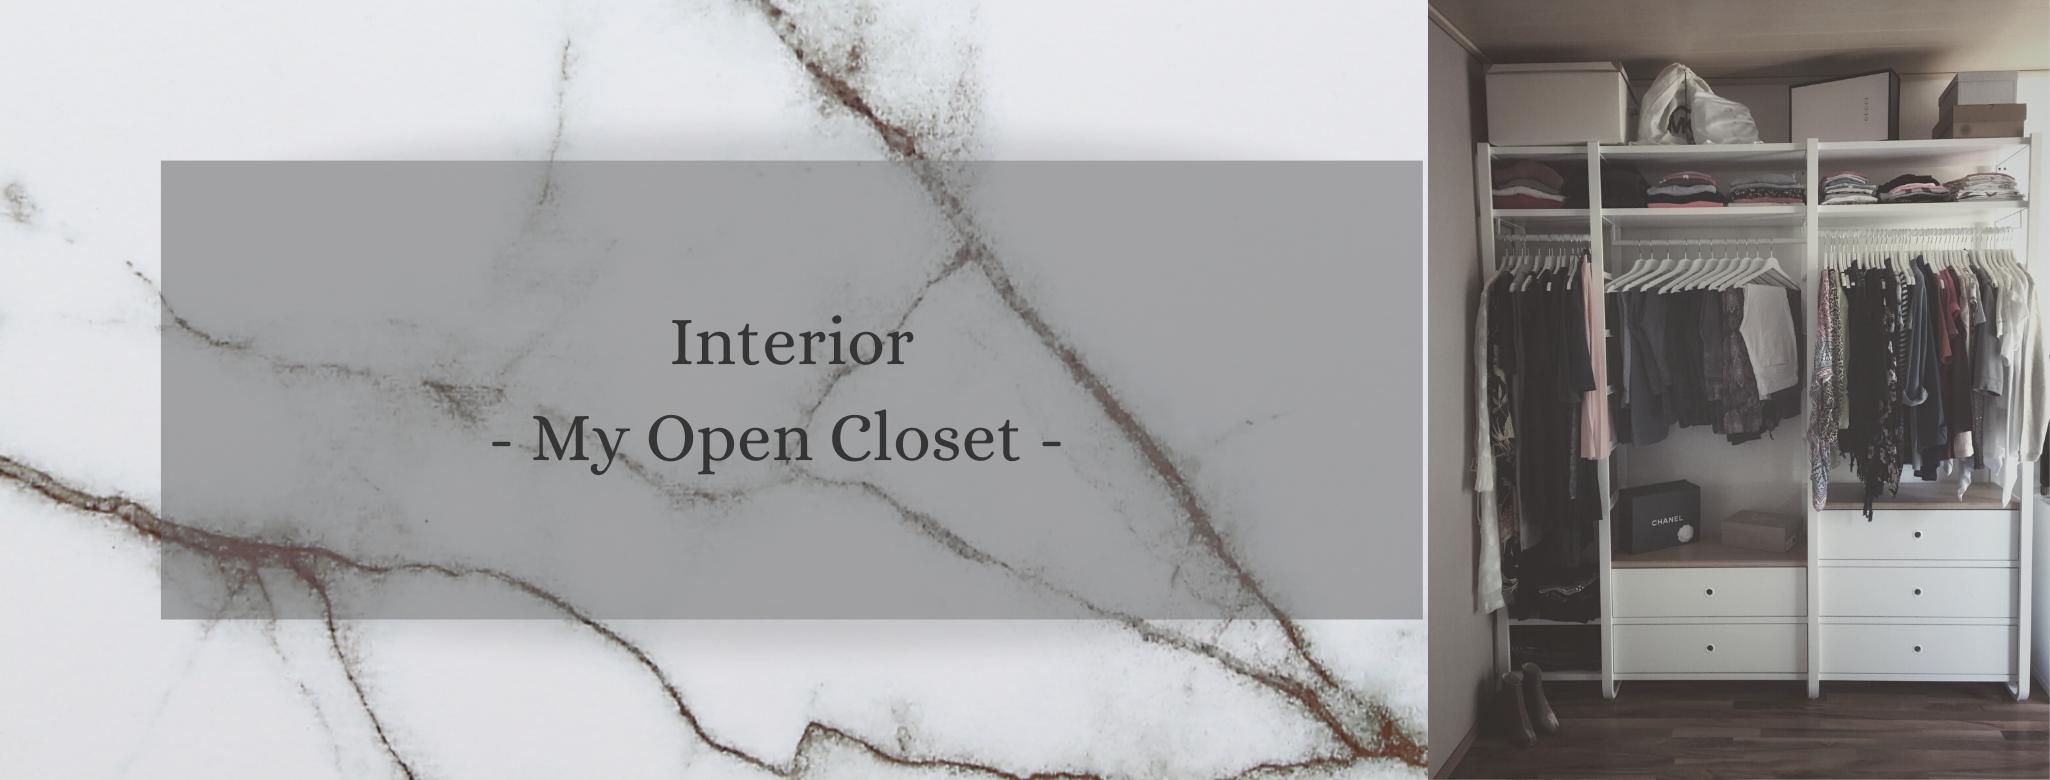 Interior: Open Closet